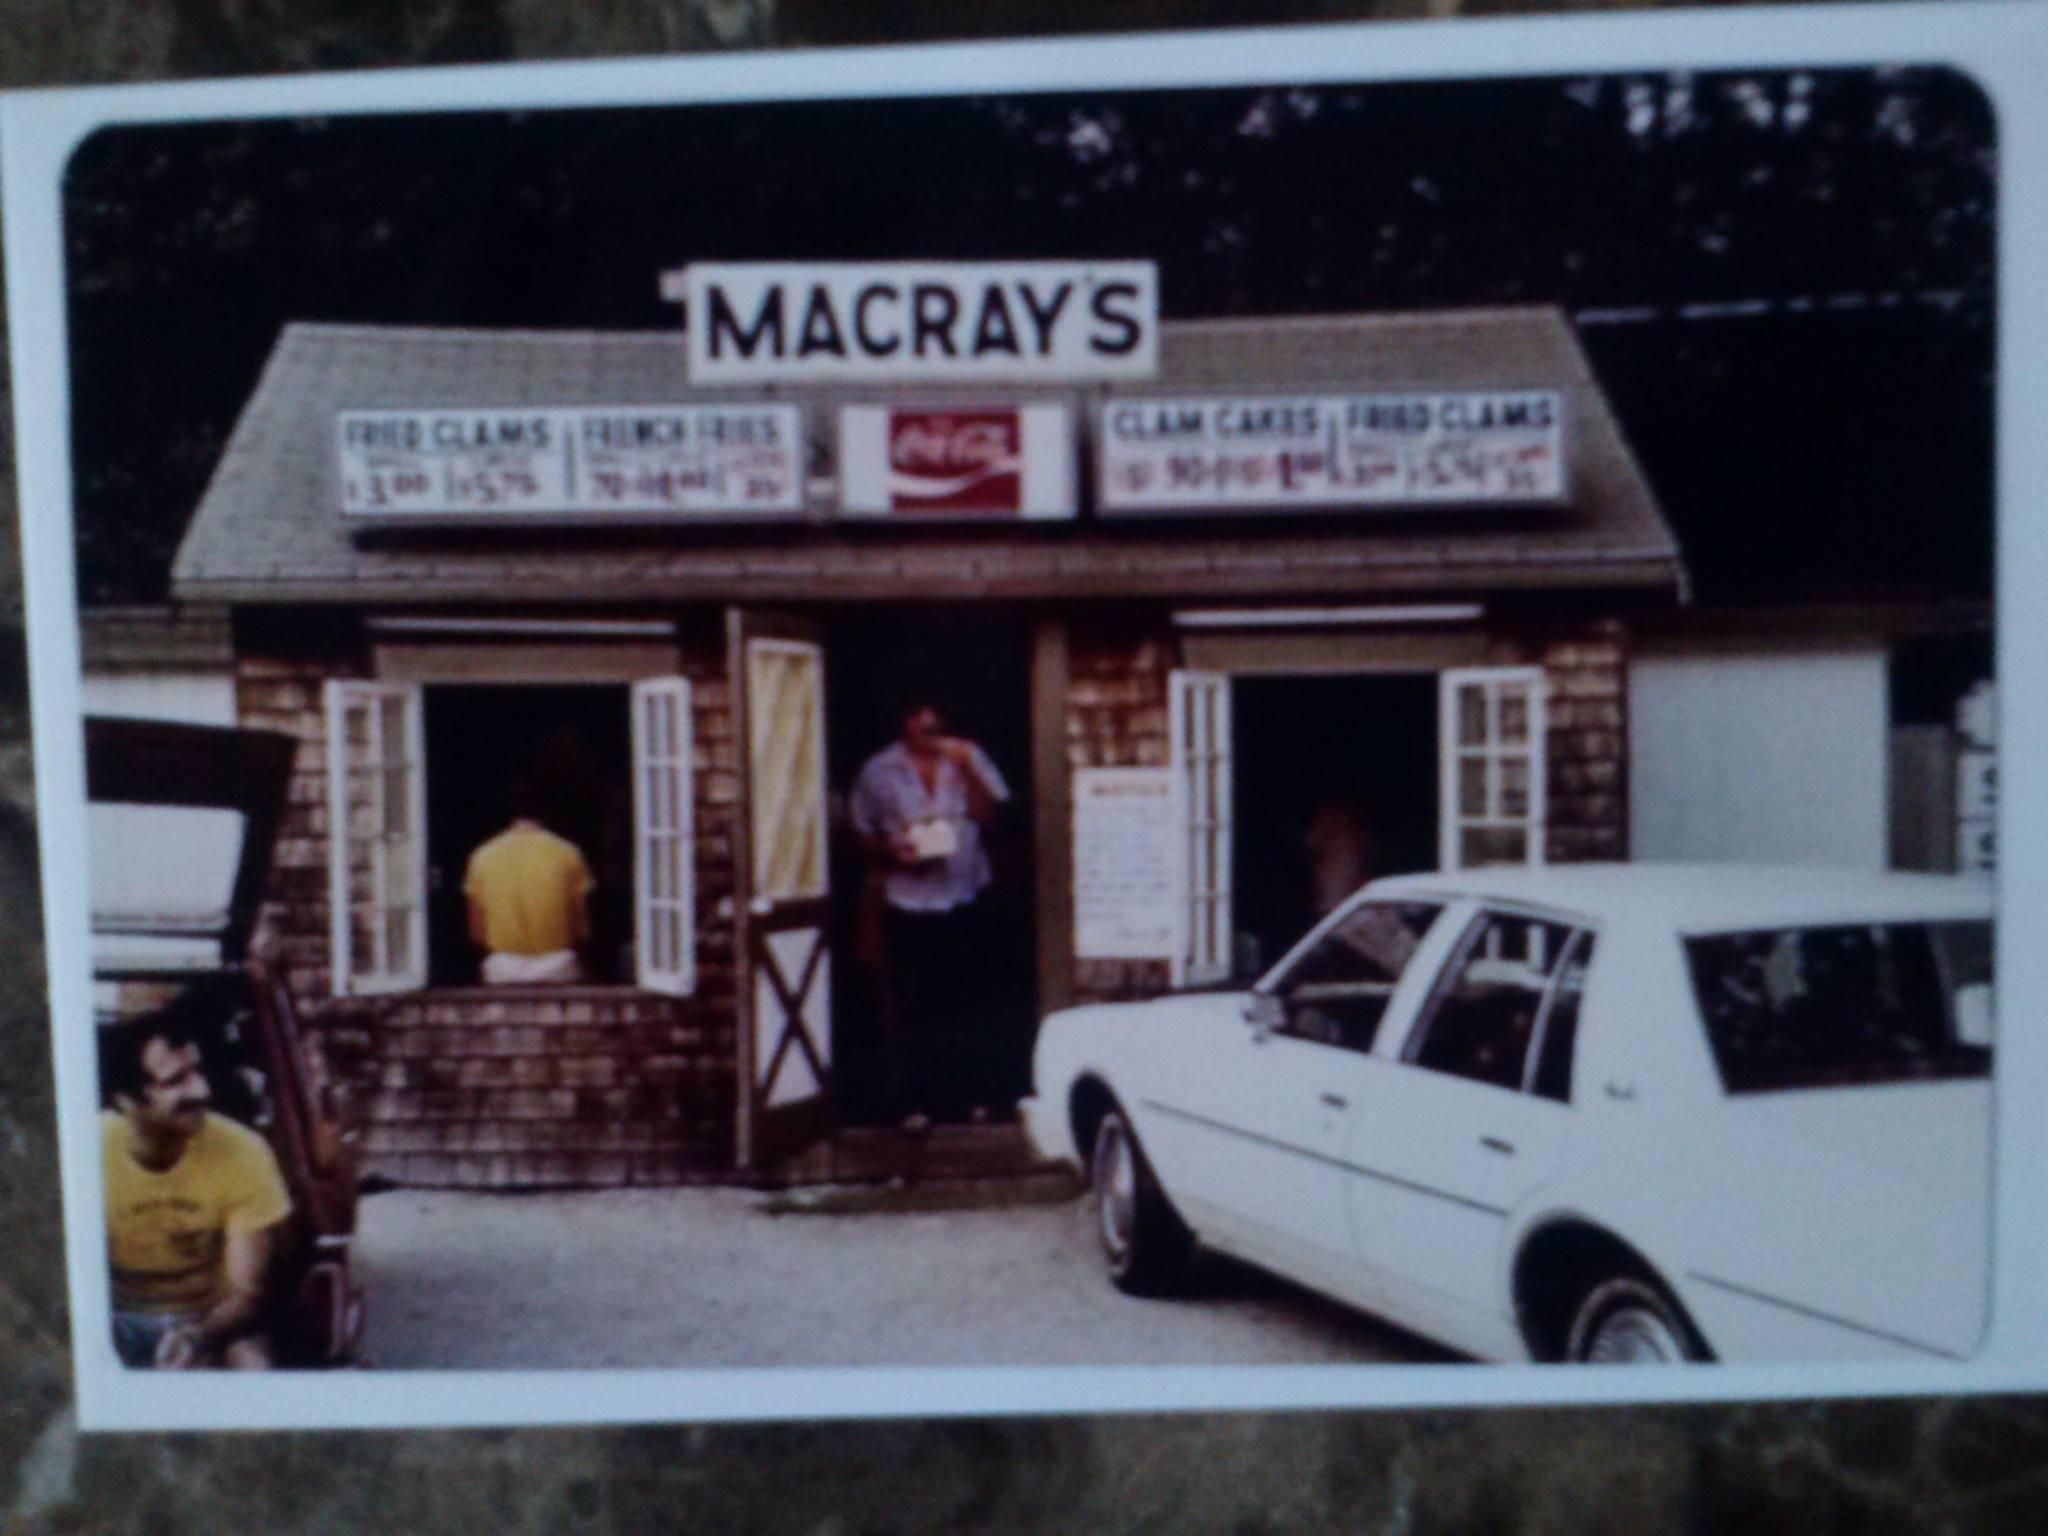 Macray's in the 1970s